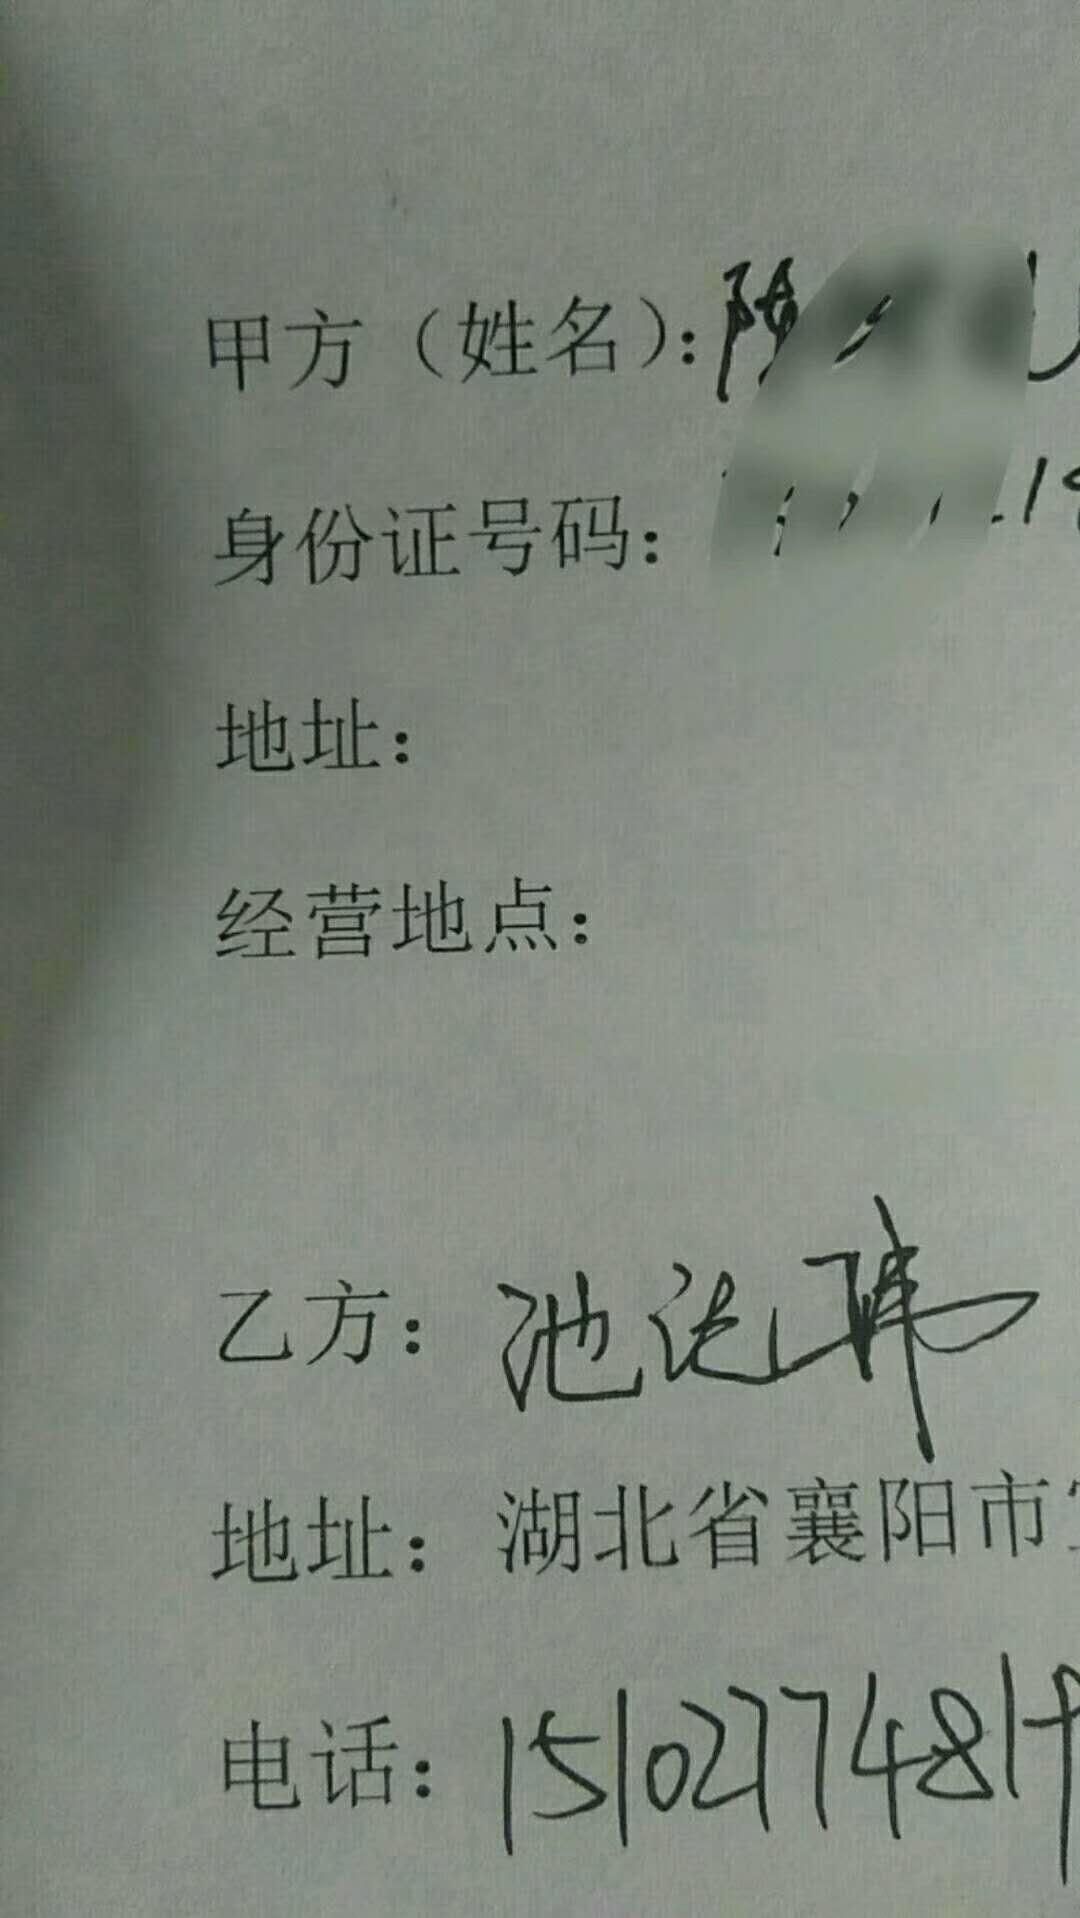 【福建翔安区学员加入火苏鸭】他哥哥原先品尝过火苏鸭,决定让弟弟网上签合同学习